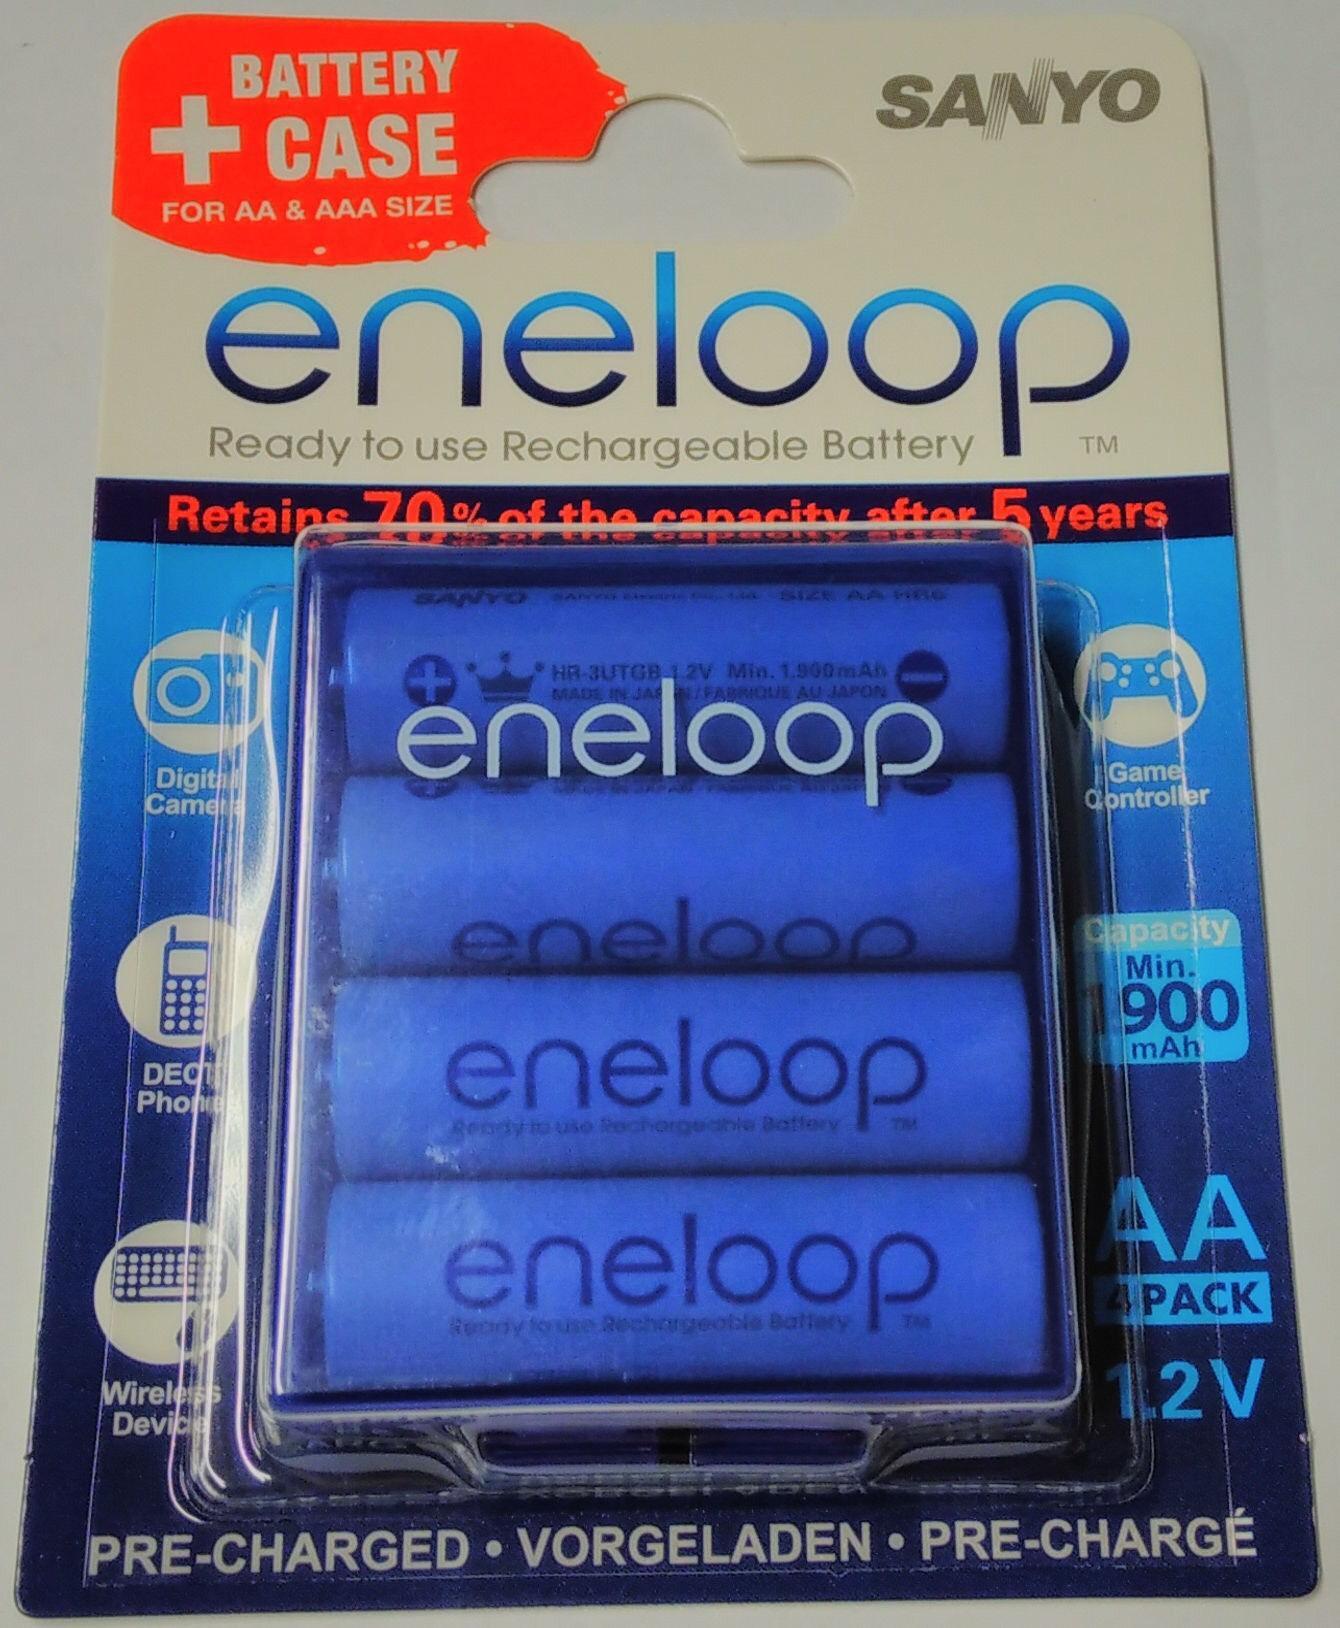 8 accus AA rechargeables Eneloop avec boîtier de rangement